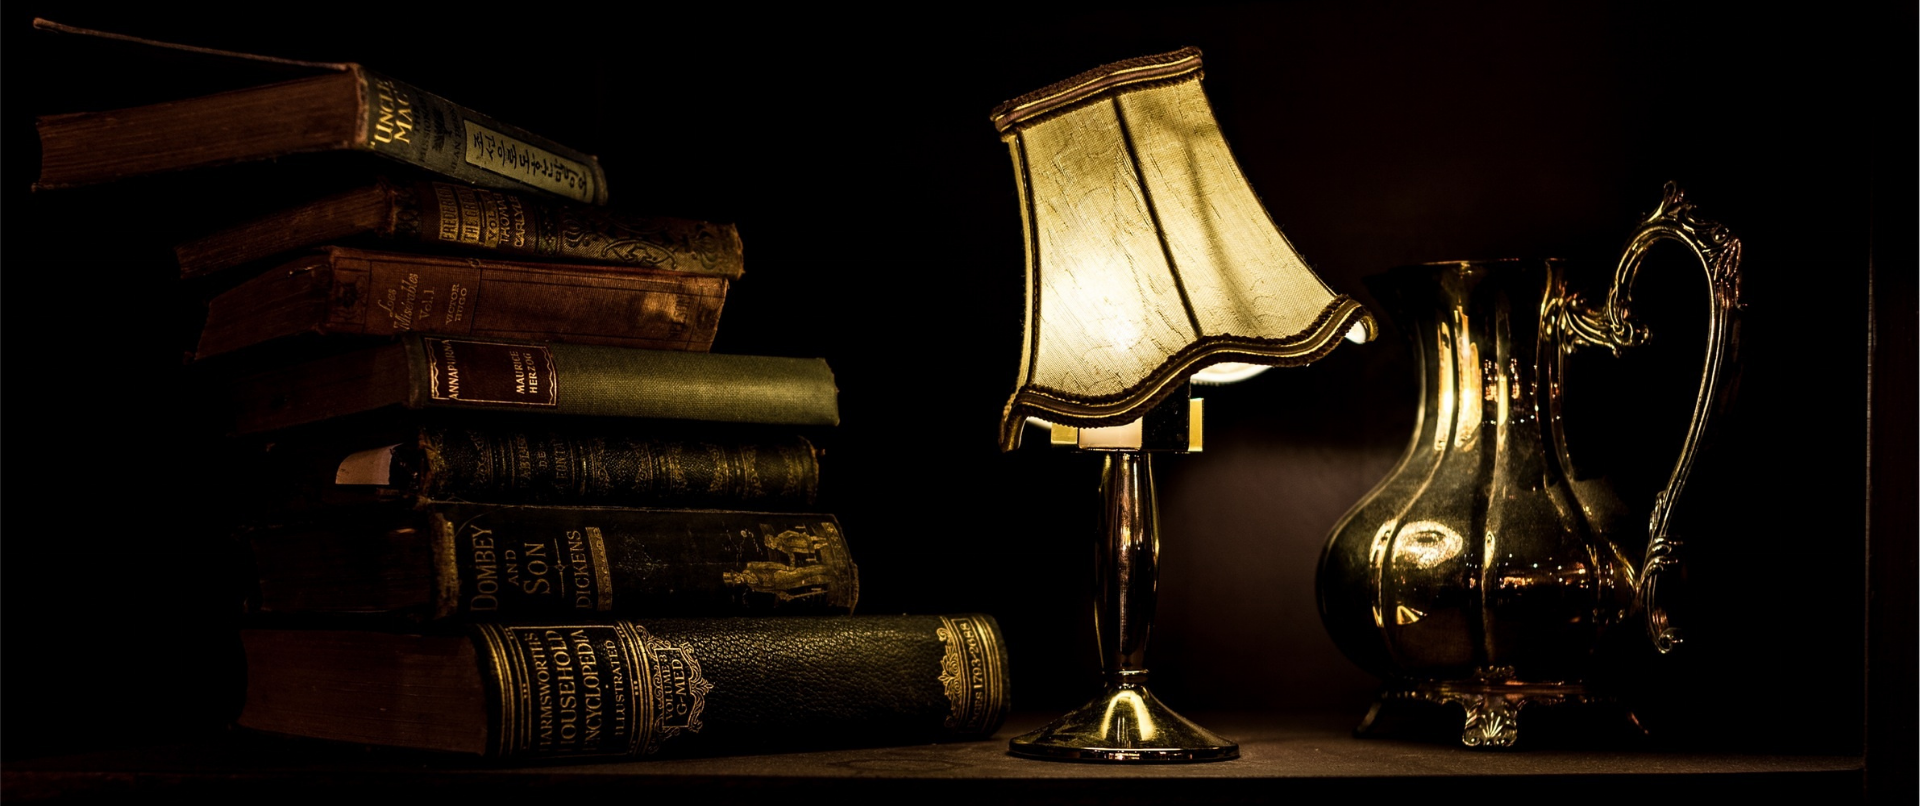 Lampe à poser ancienne à côté de livre ancien